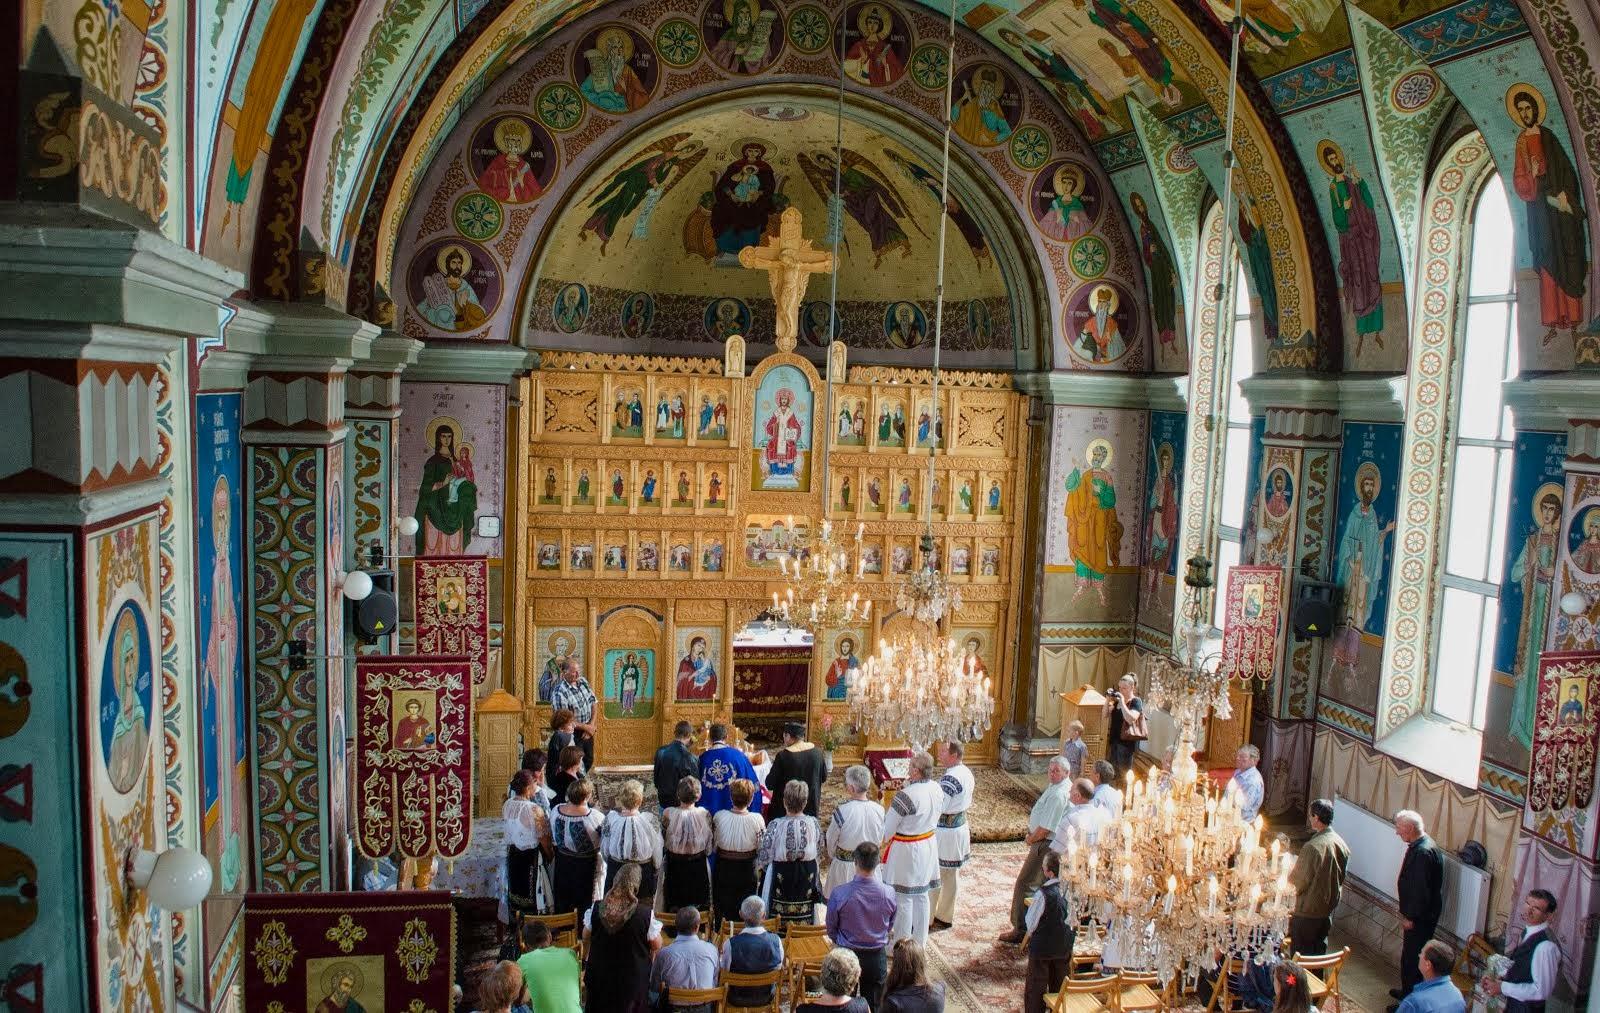 Binecuvântarea primită la biserică